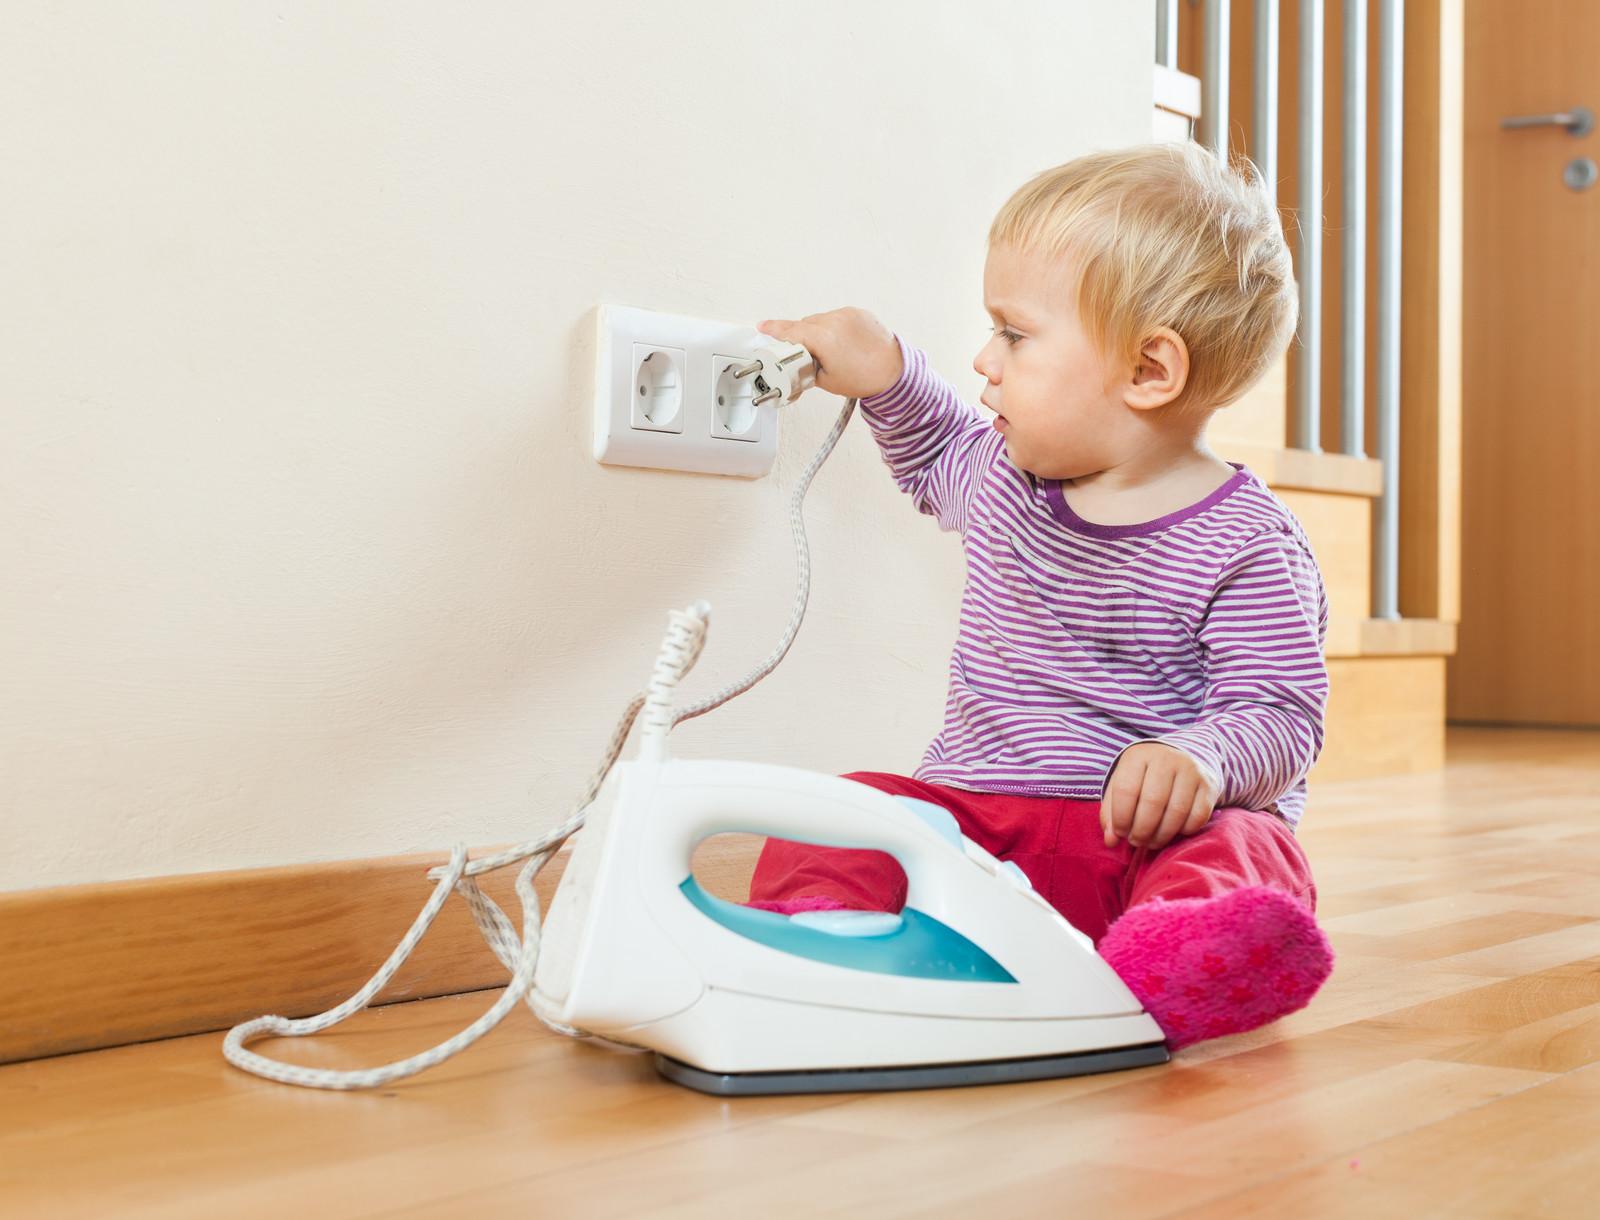 Wohnung Kindersicher In 10 Schritten